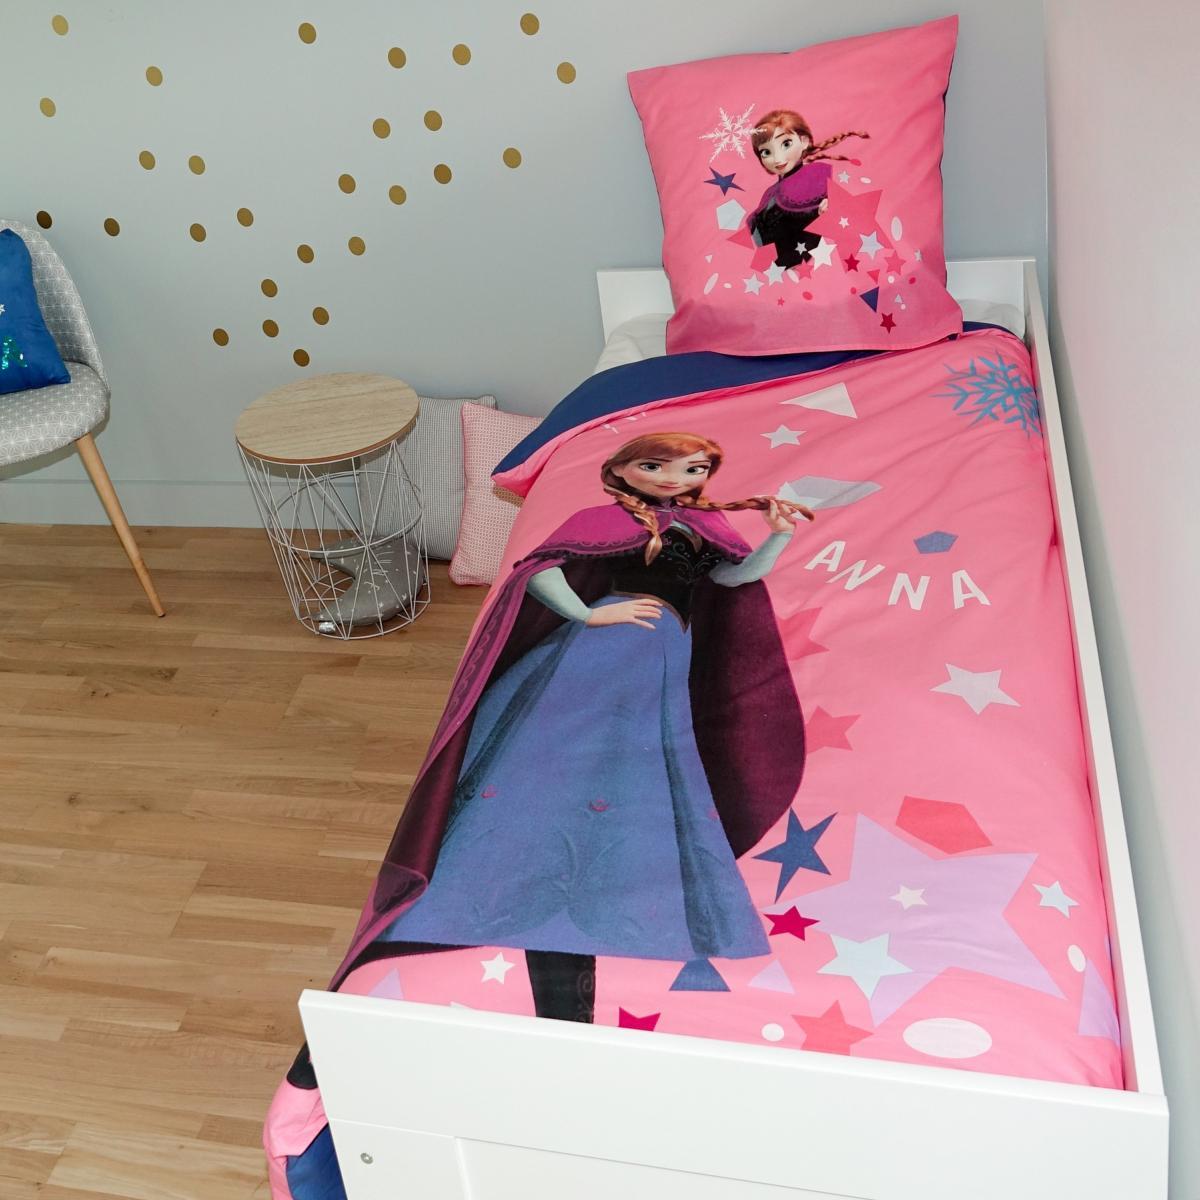 housse de couette reine des neiges 2 r versible 140x200cm 1 personne 100 coton j k markets. Black Bedroom Furniture Sets. Home Design Ideas